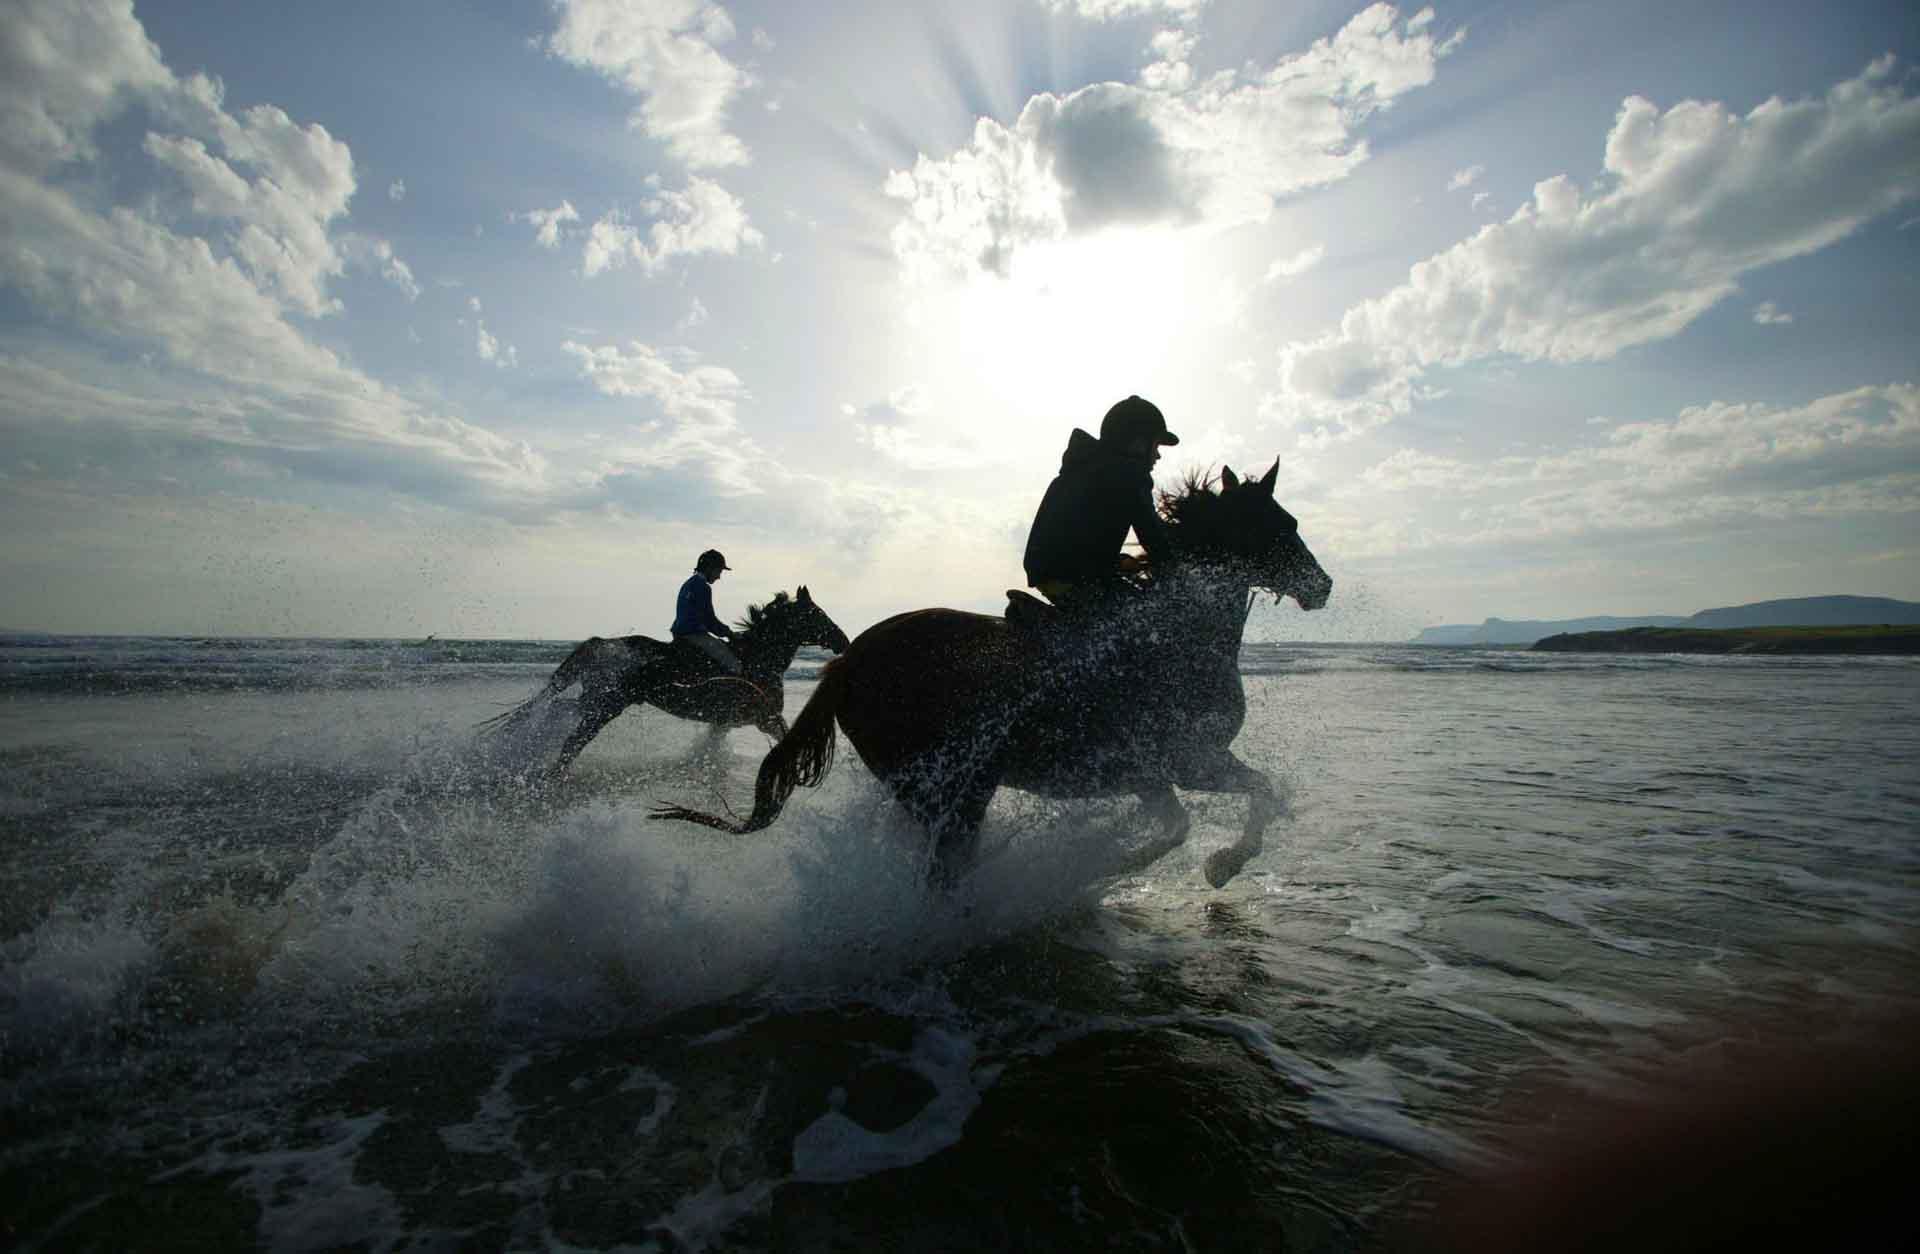 Photo of ورزش و ماجراجویی در سوچی یکی از هیجان انگیزترین مقاصد گردشگری جهان